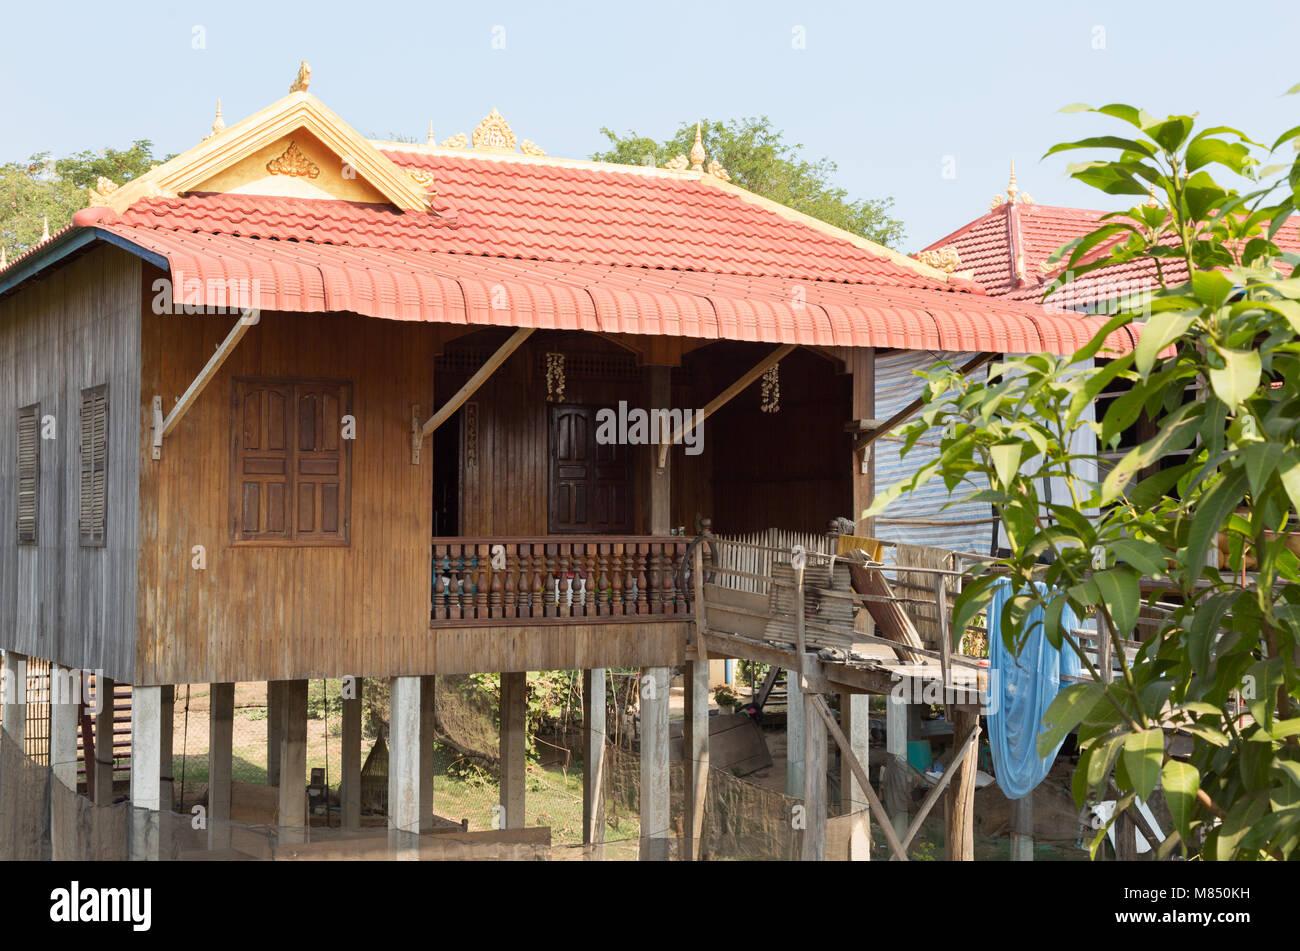 Maison typique dans les régions rurales du Cambodge Le Cambodge, Kampong Cham, Cambodge Asie Photo Stock